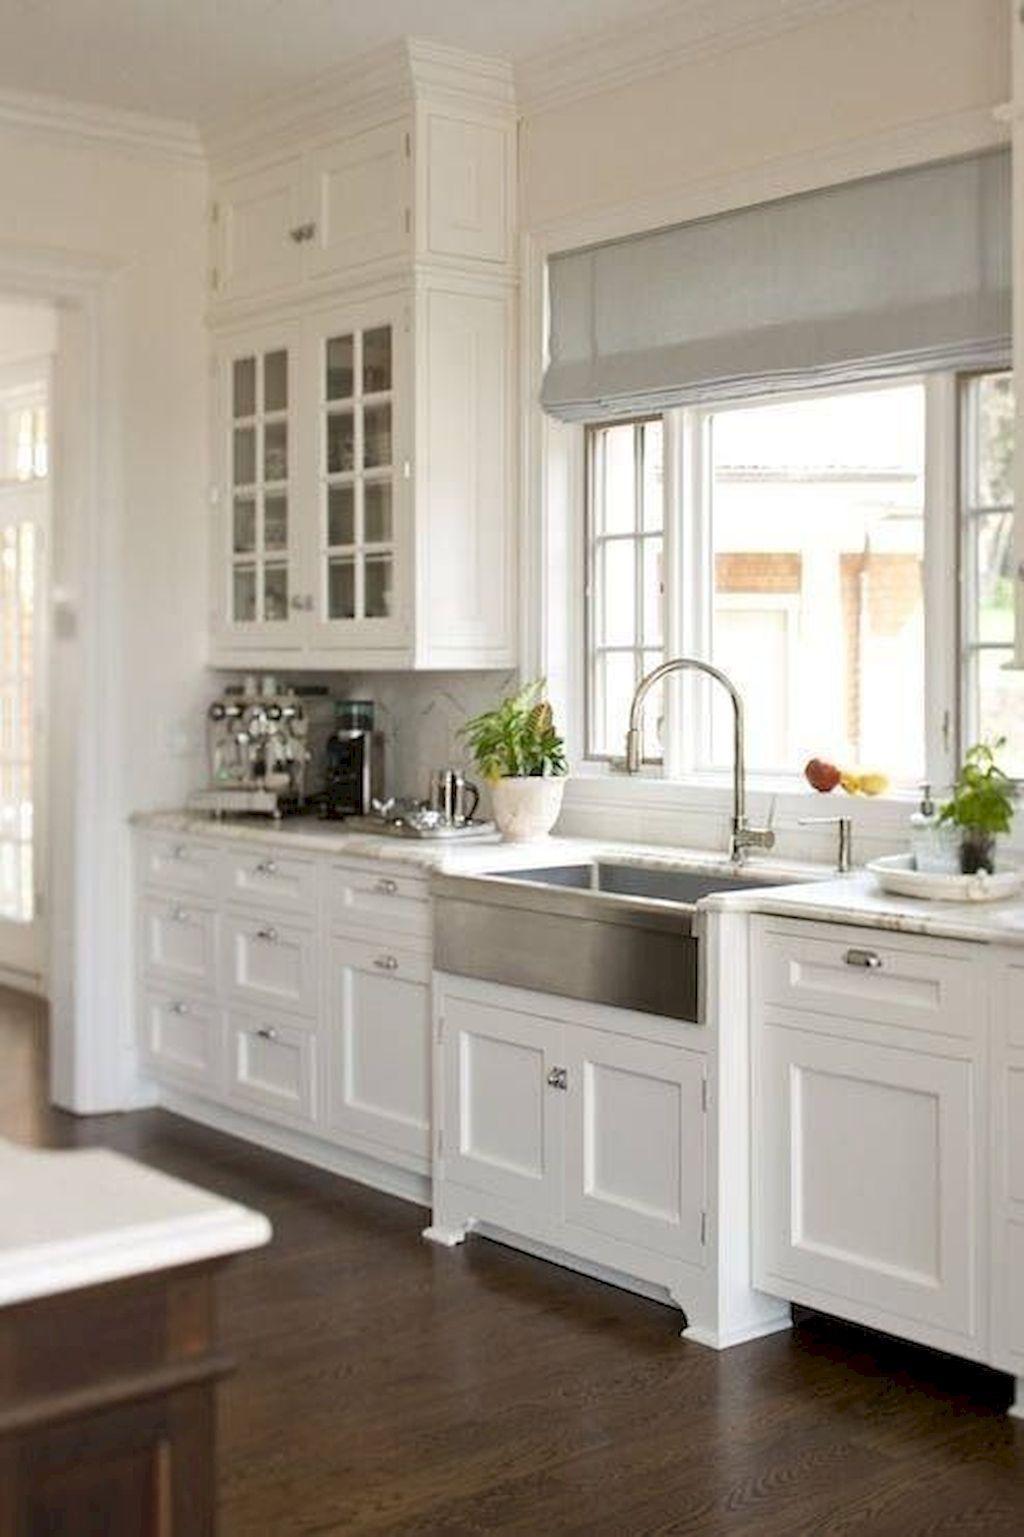 Adorable 85 Farmhouse White Kitchen Cabinet Makeover Ideas Https Roomodeling Com 85 Farmhous Kitchen Cabinet Design Farmhouse Sink Kitchen Kitchen Renovation